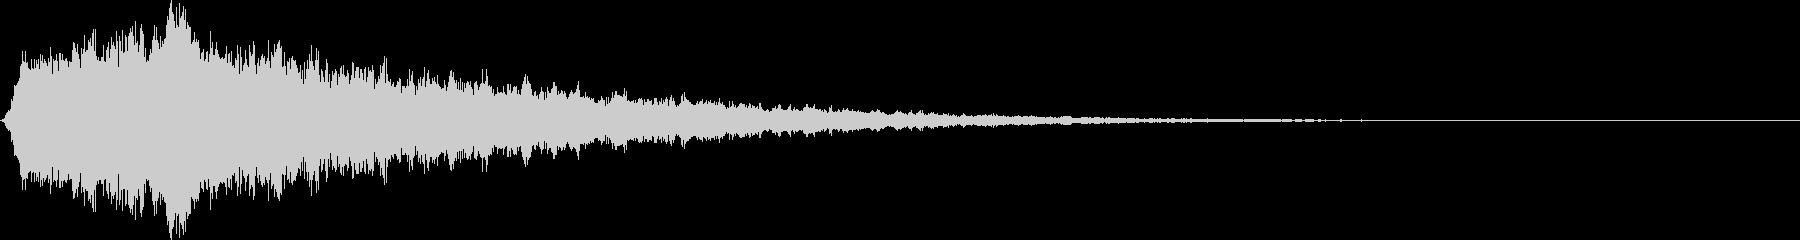 【ホラー】 tonal フワーンッ・・・の未再生の波形